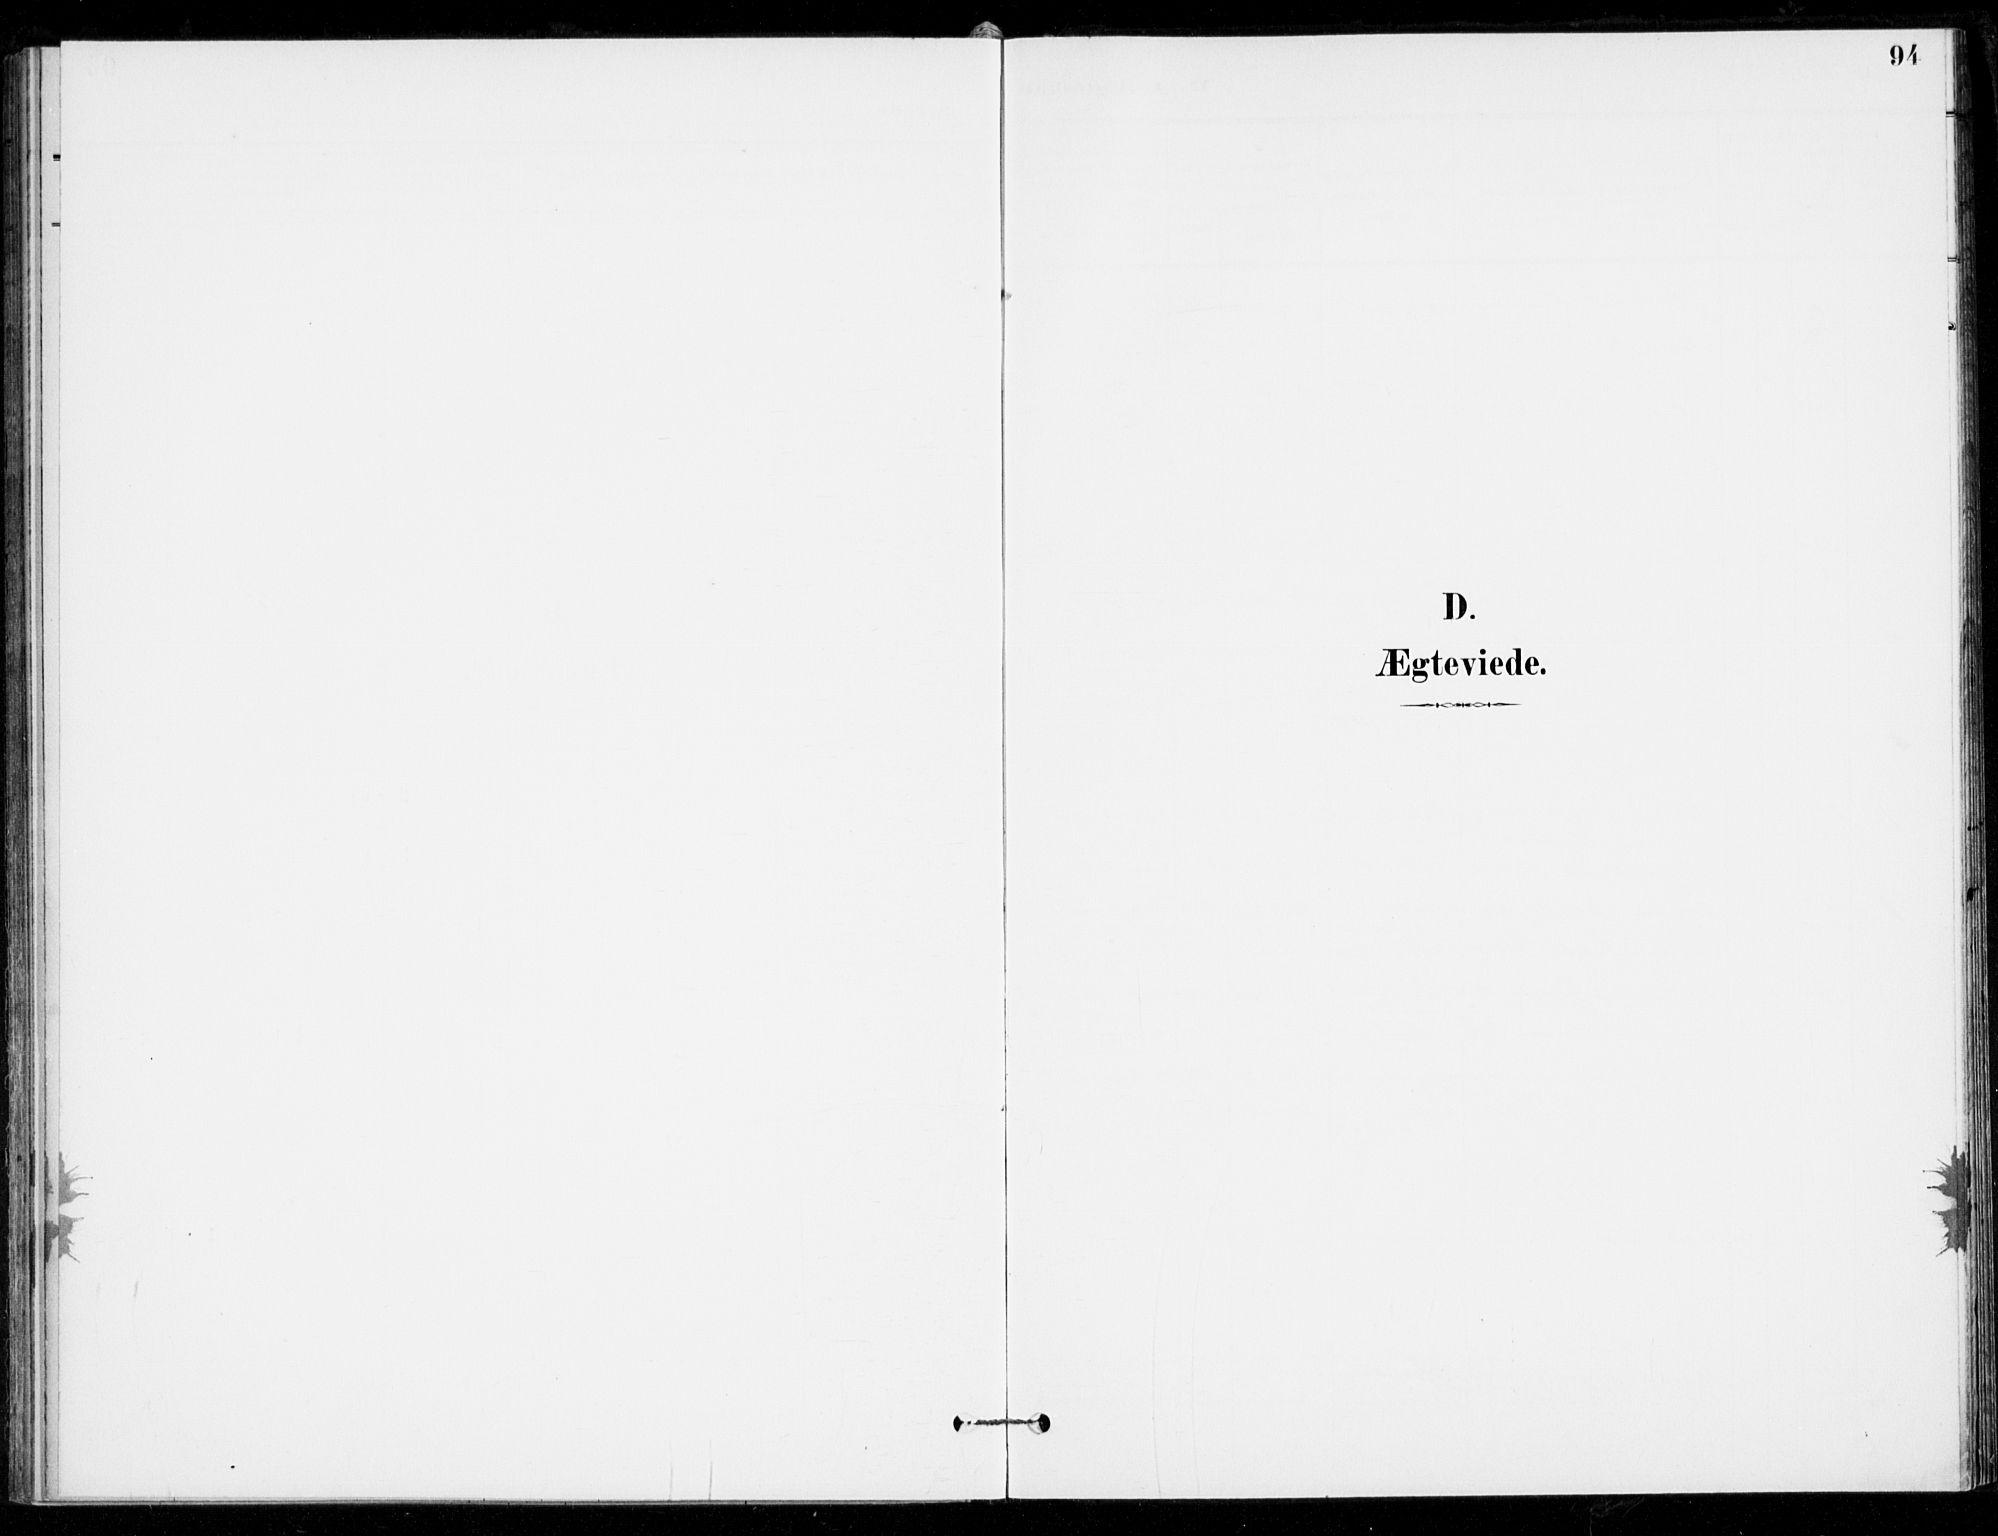 SAKO, Åssiden kirkebøker, F/Fa/L0002: Ministerialbok nr. 2, 1896-1916, s. 94